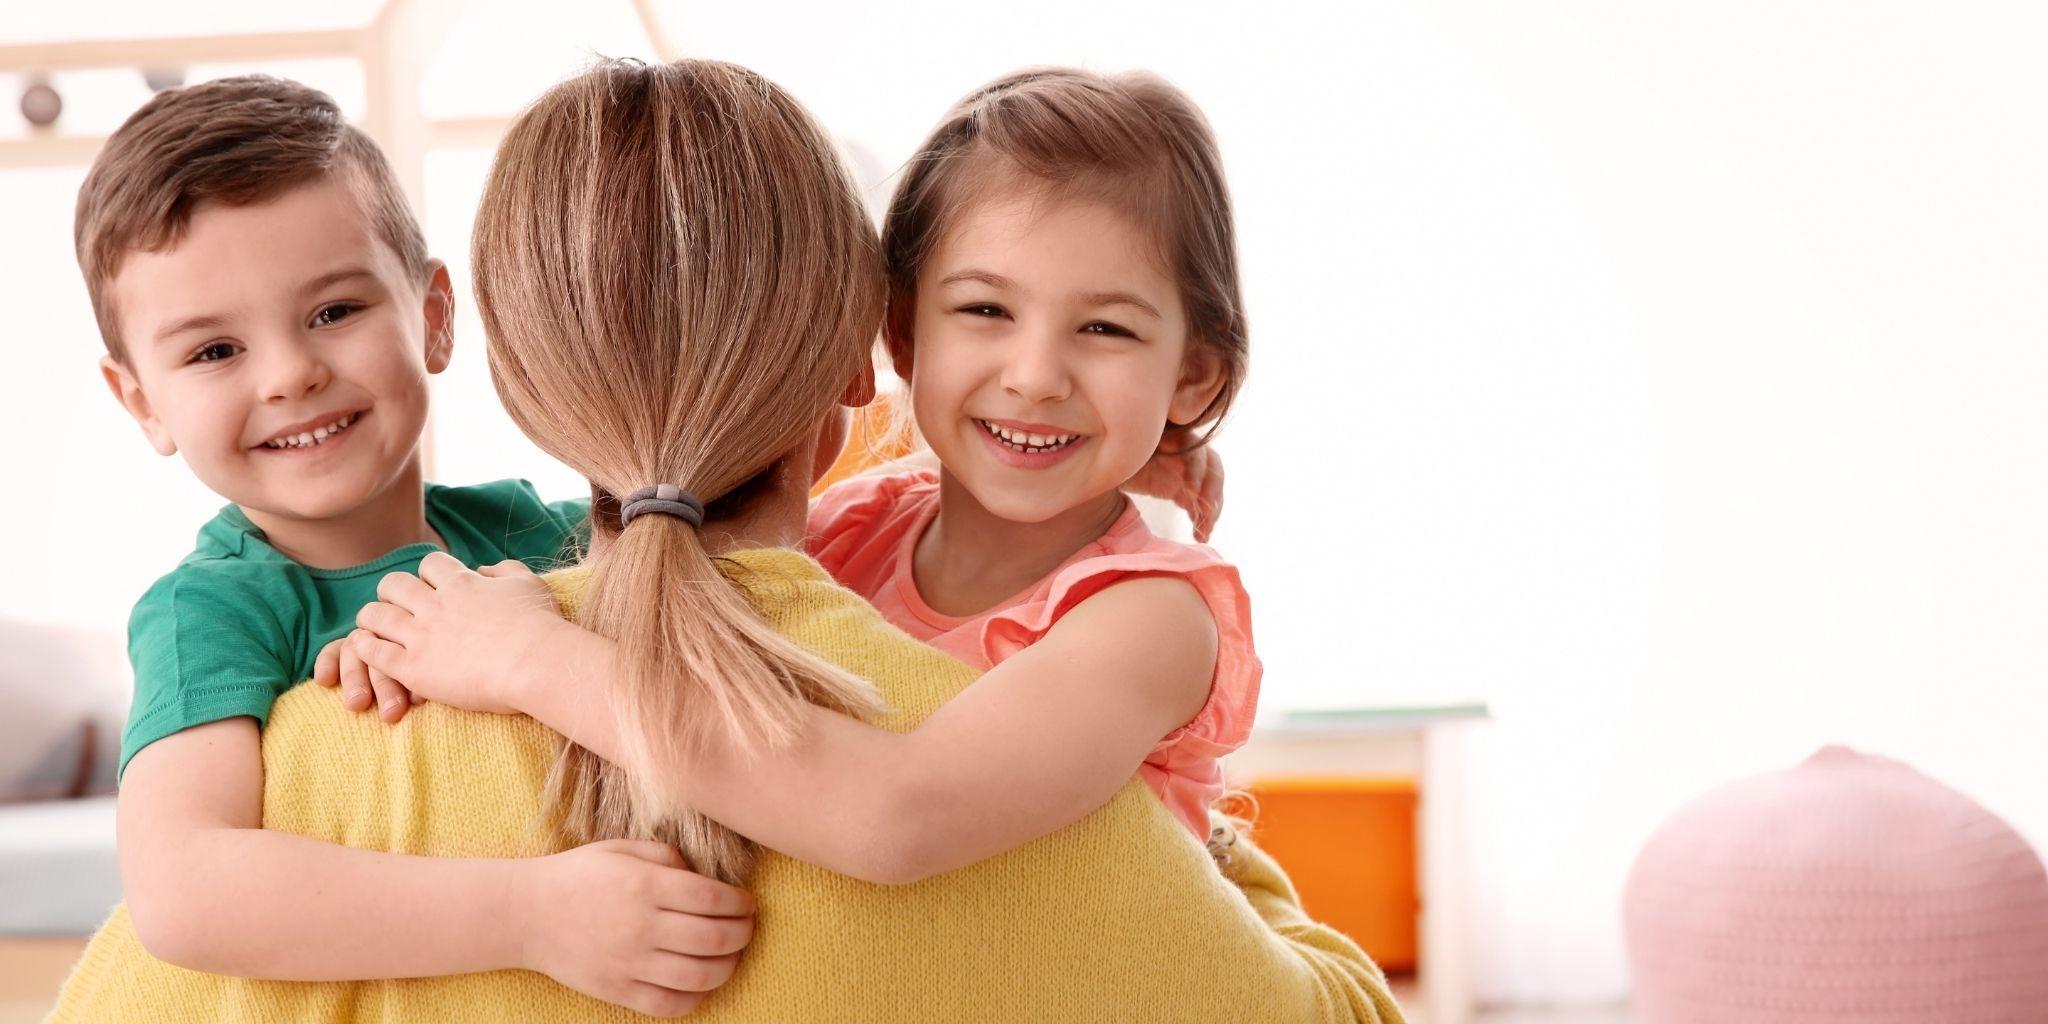 Wer ist eine Nanny und was ist der Unterschied zu einem Babysitter?